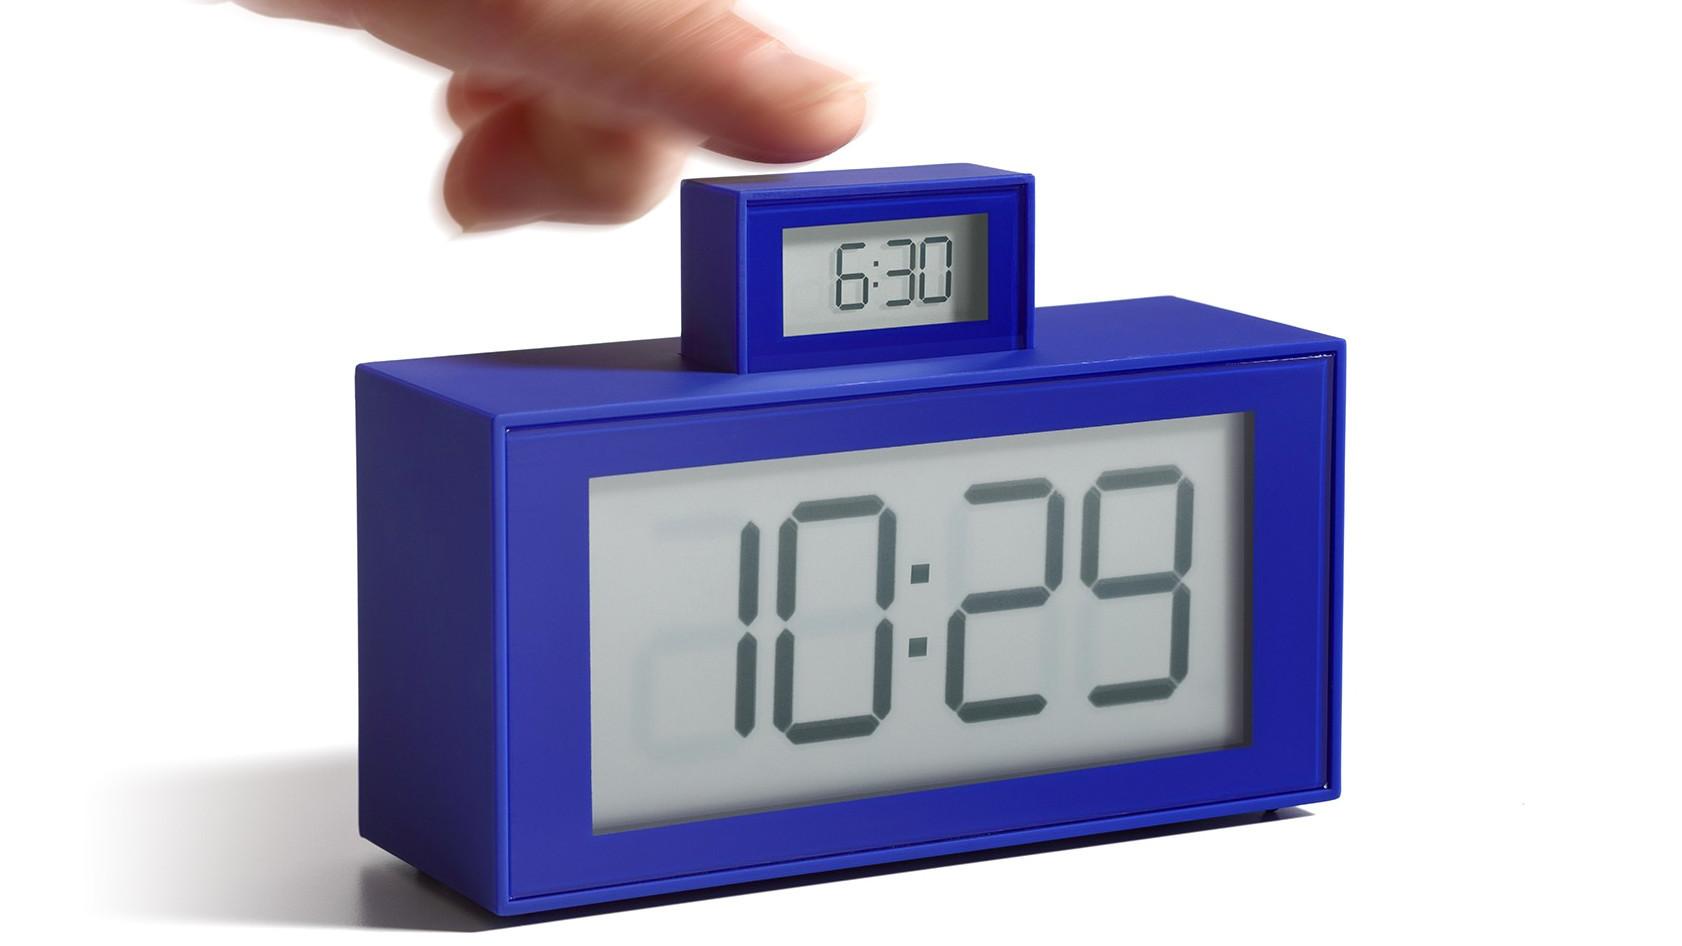 是不會忘了設定幾點起床的鬧鐘這篇文章的首圖